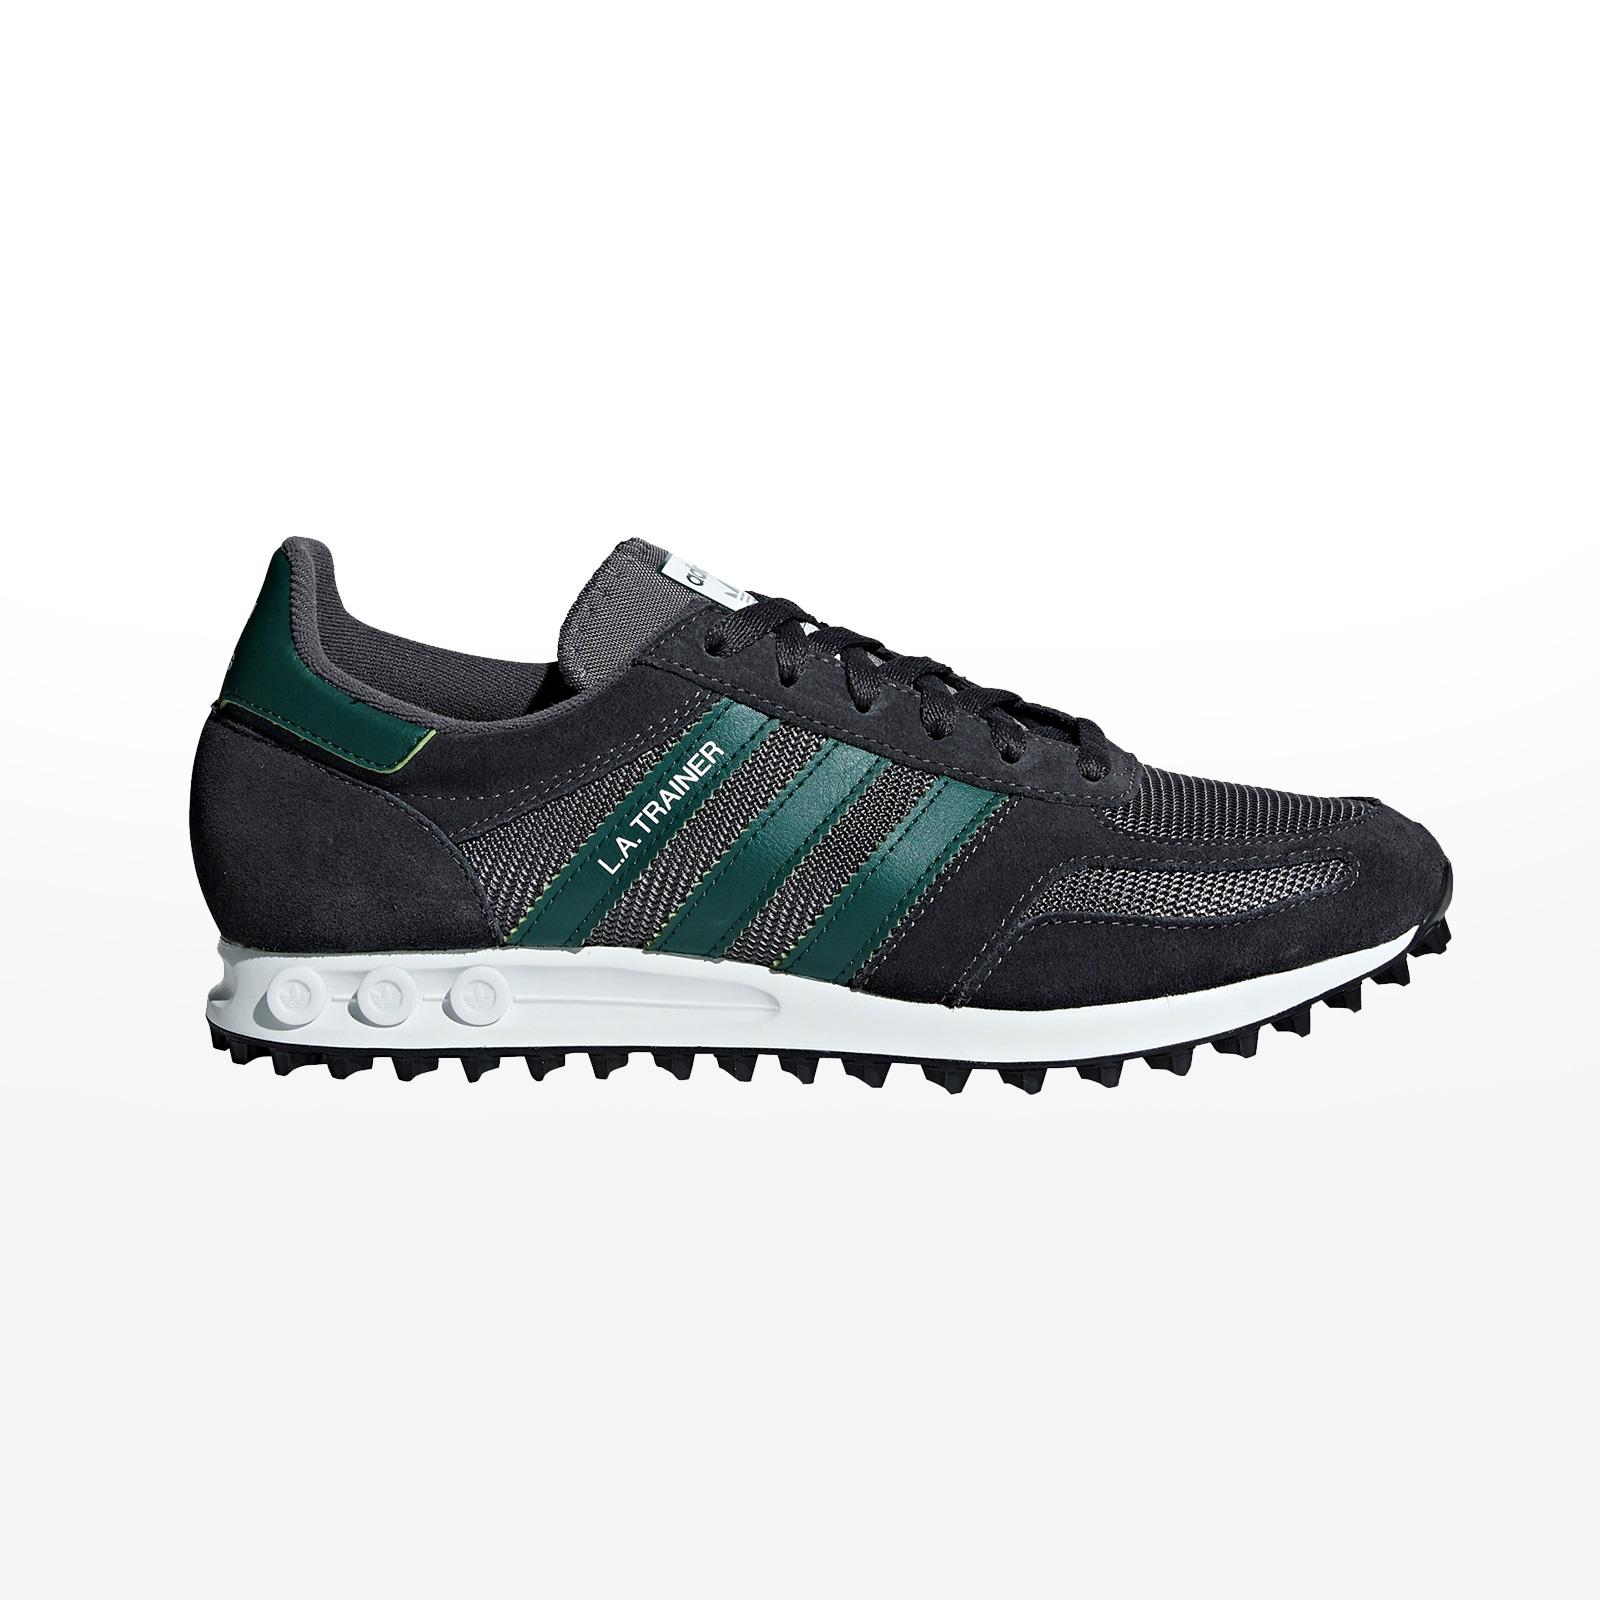 9a5a0804c69 -50% Sportcafe adidas Originals – LA TRAINER – CARBON/CGREEN/GREFIV